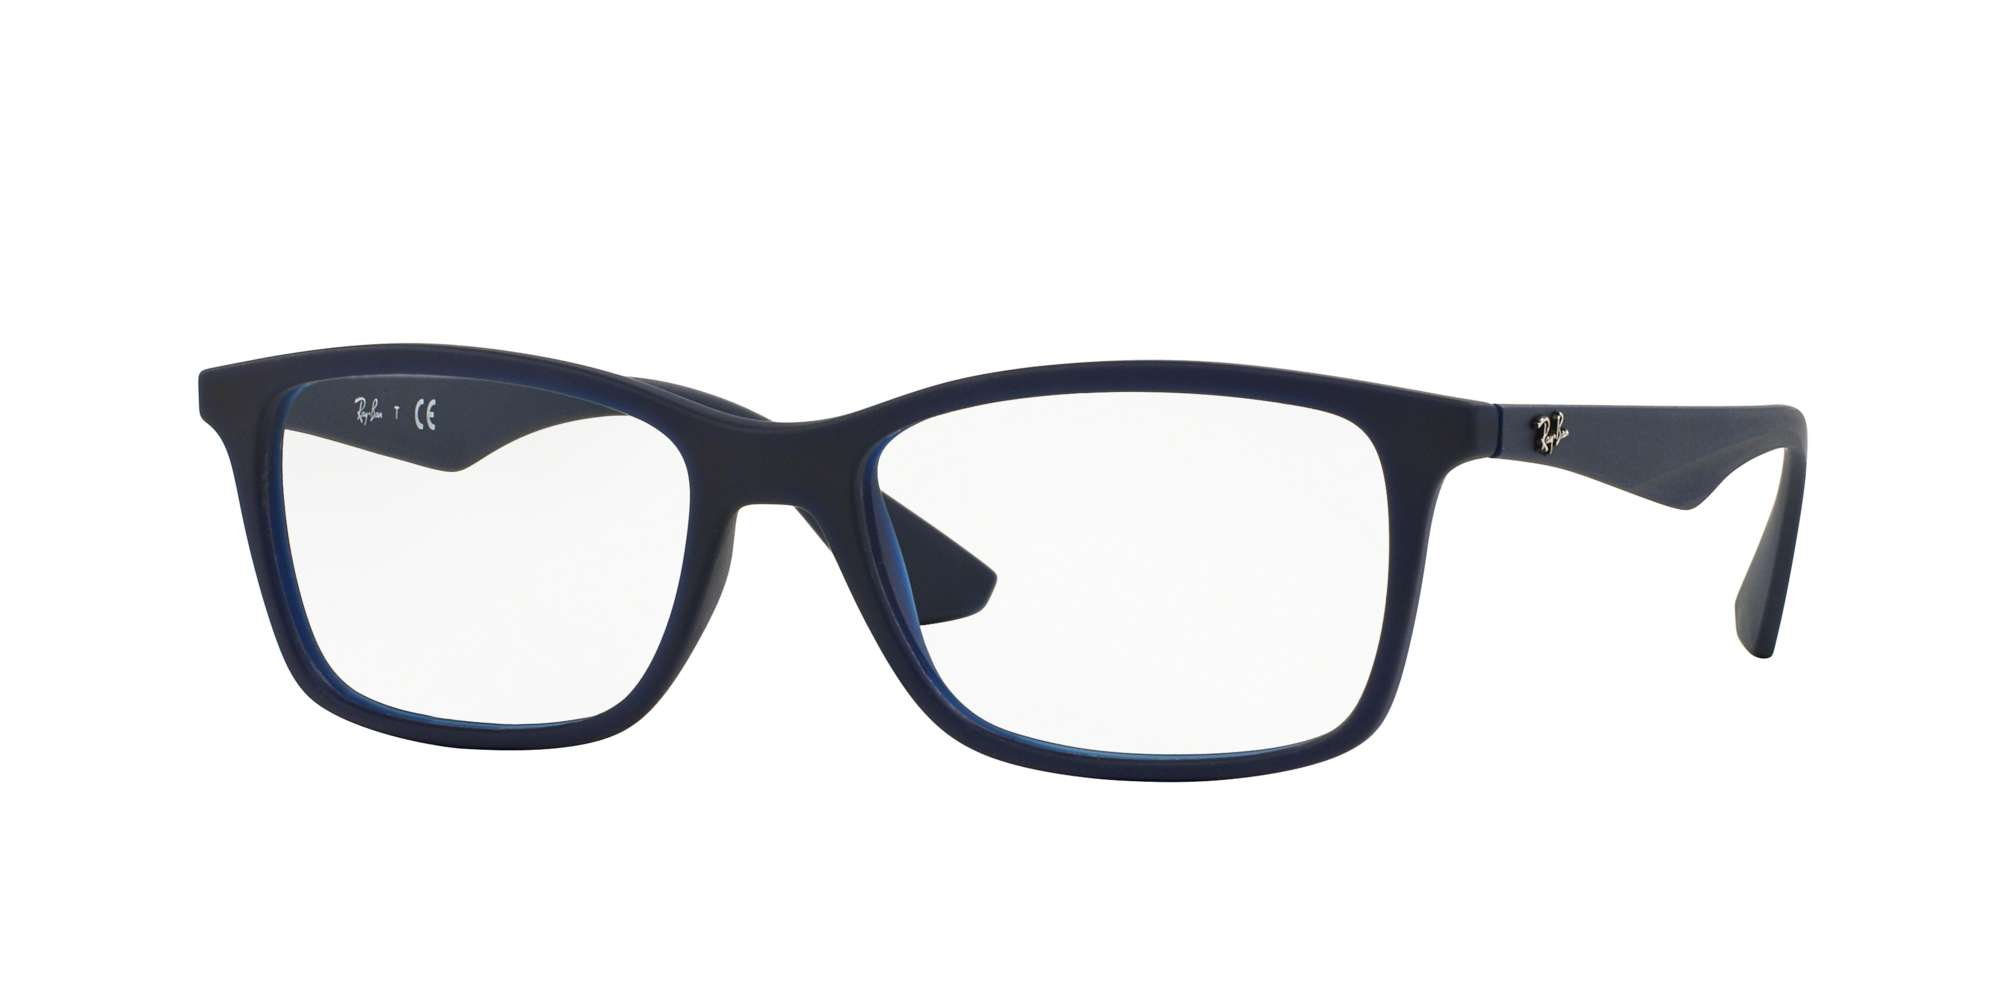 MATTE TRASP BLUE / ? lenses